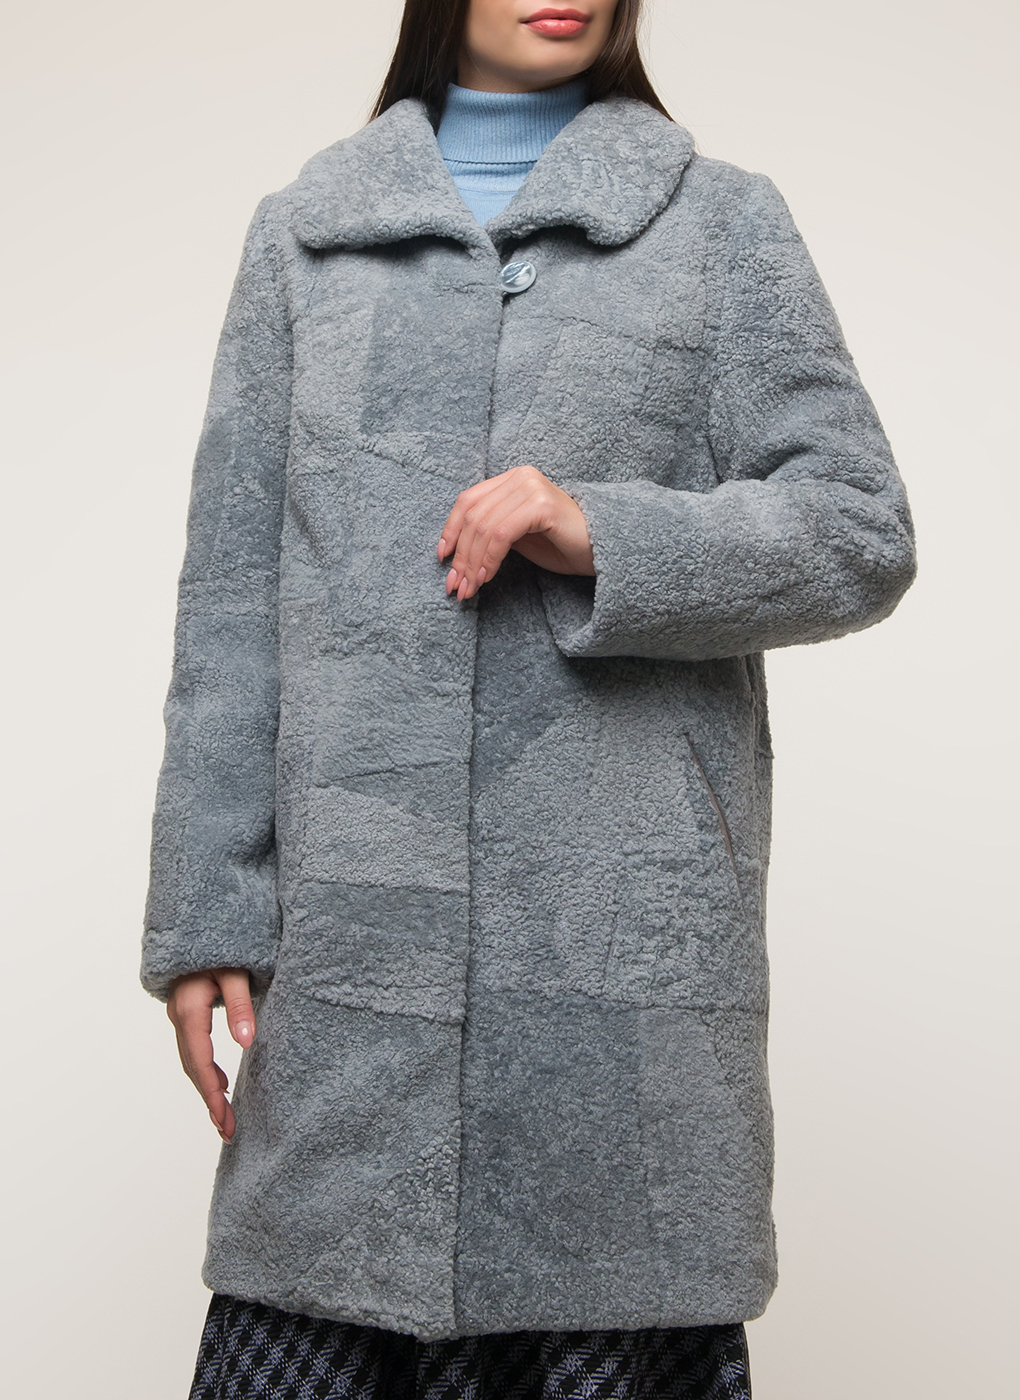 Пальто из овчины 02, Dzhanbekoff фото